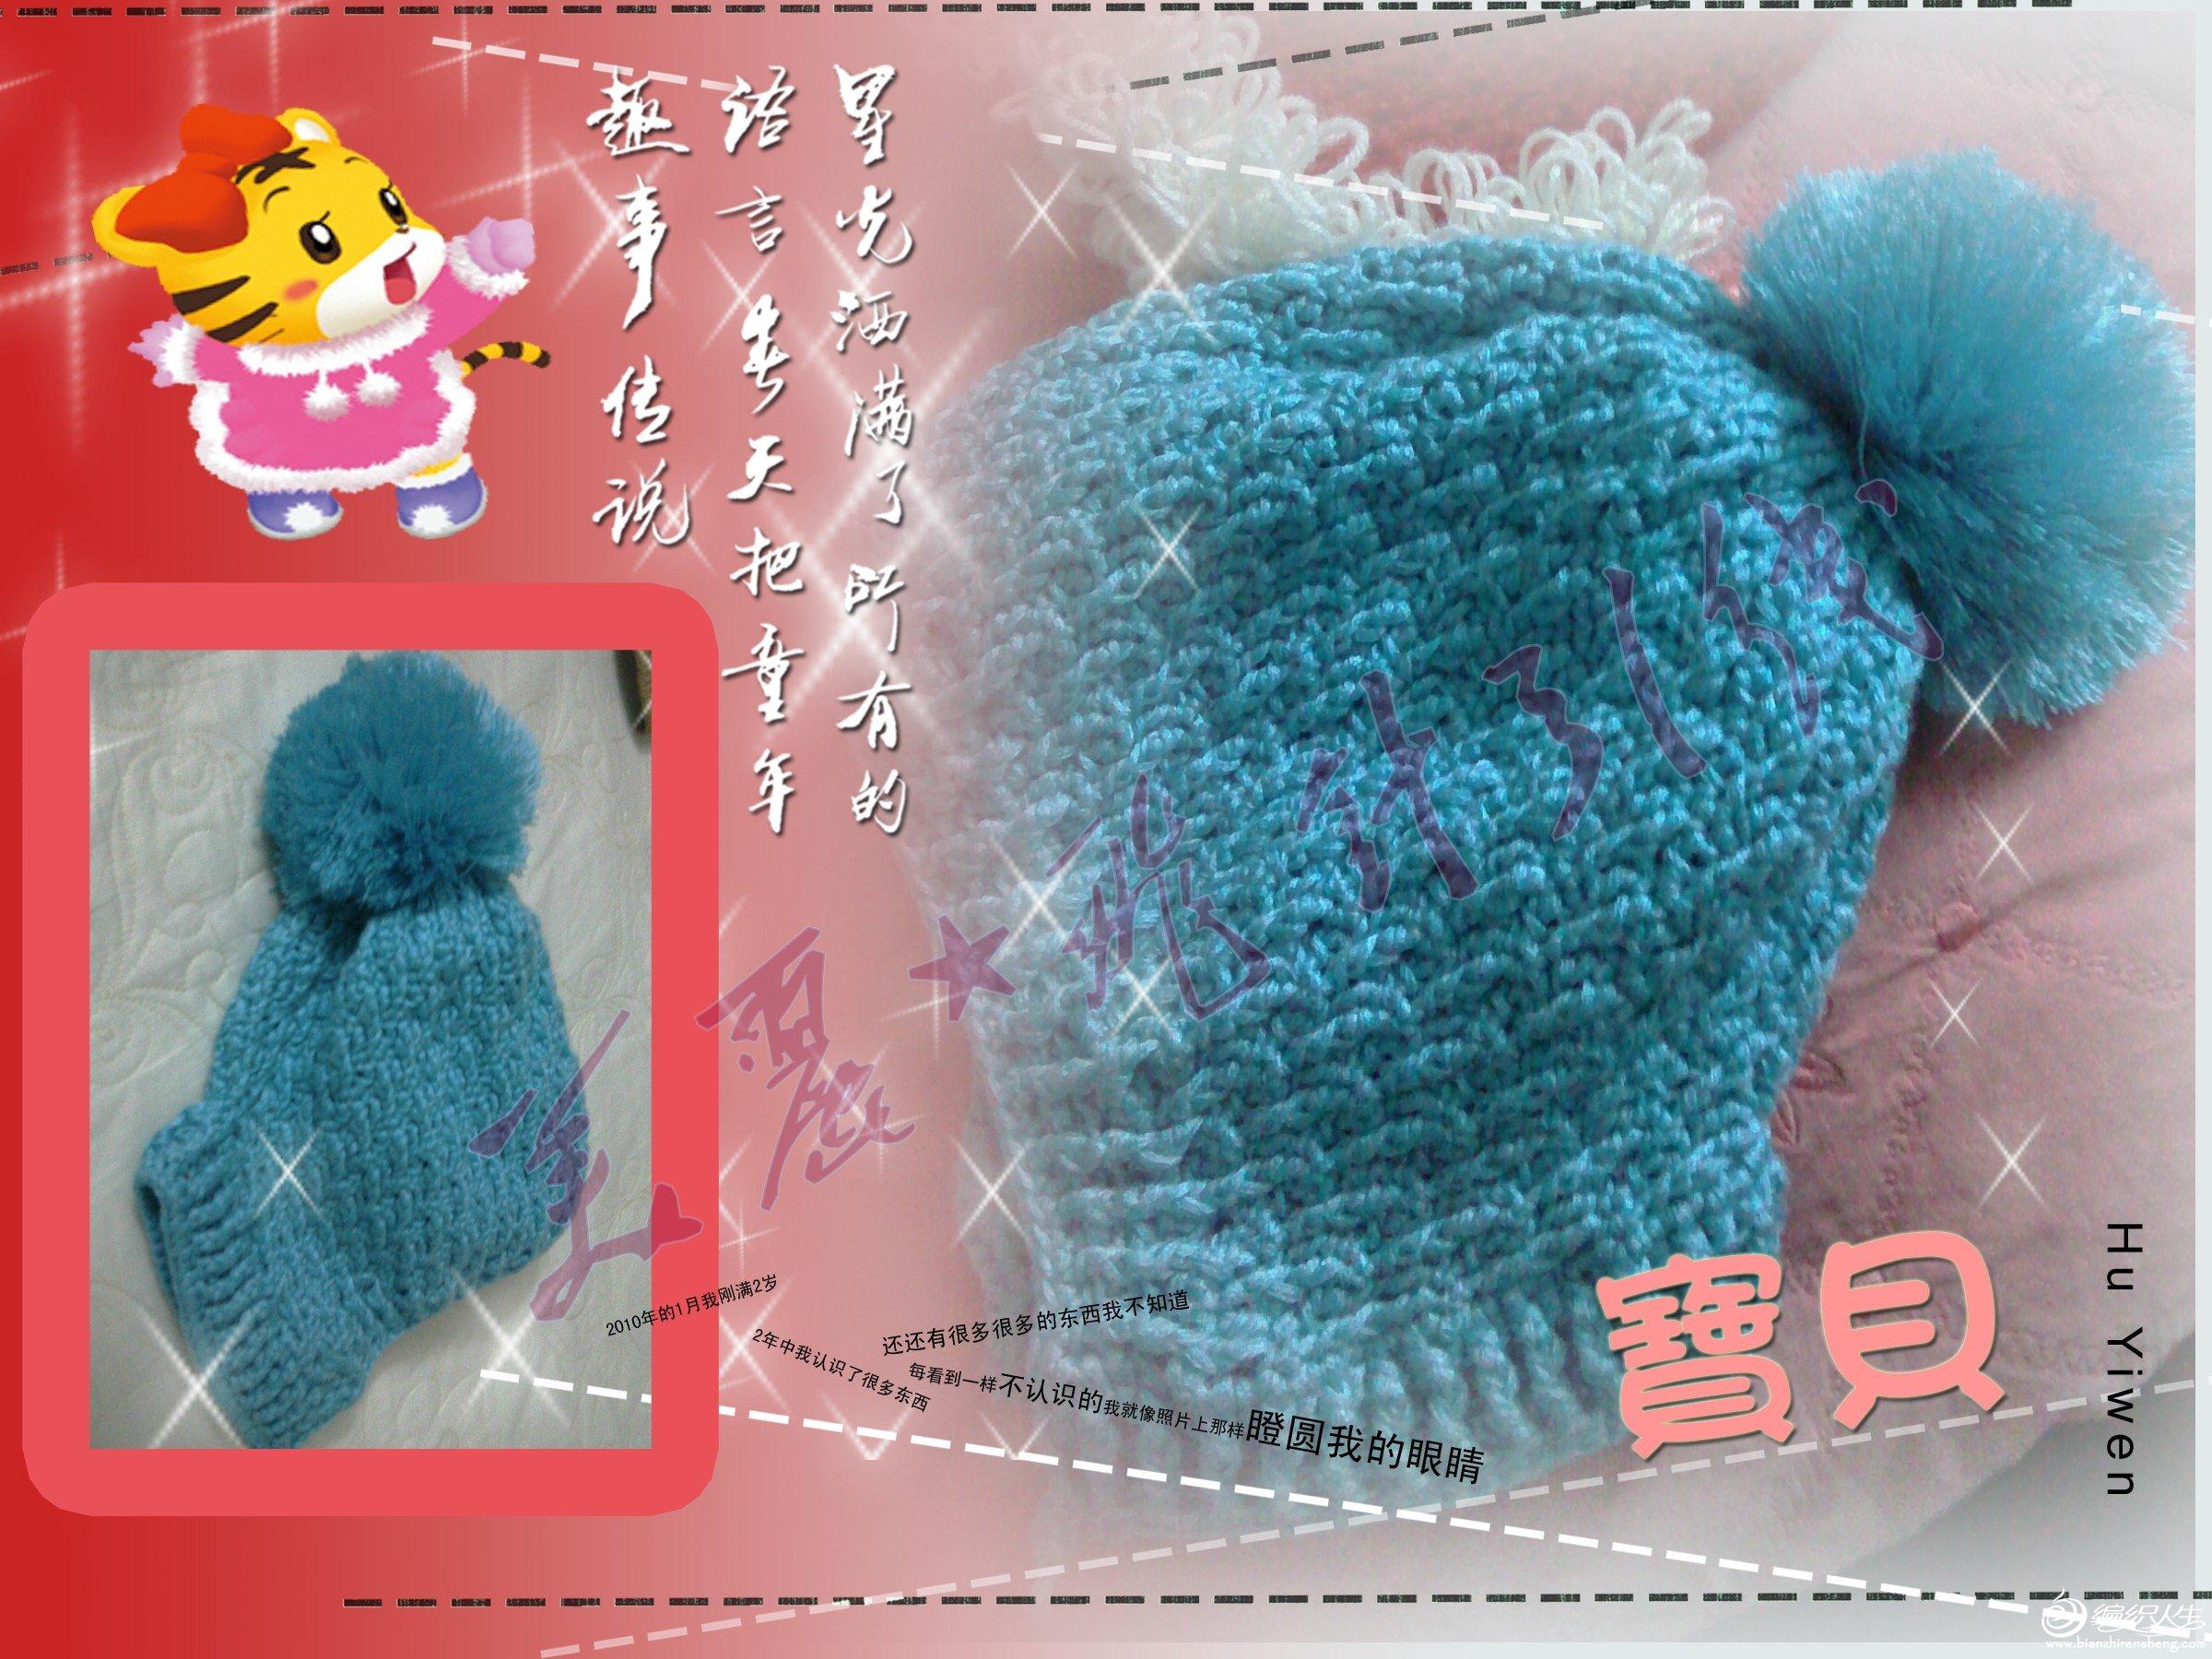 护耳帽子1_conew1.jpg